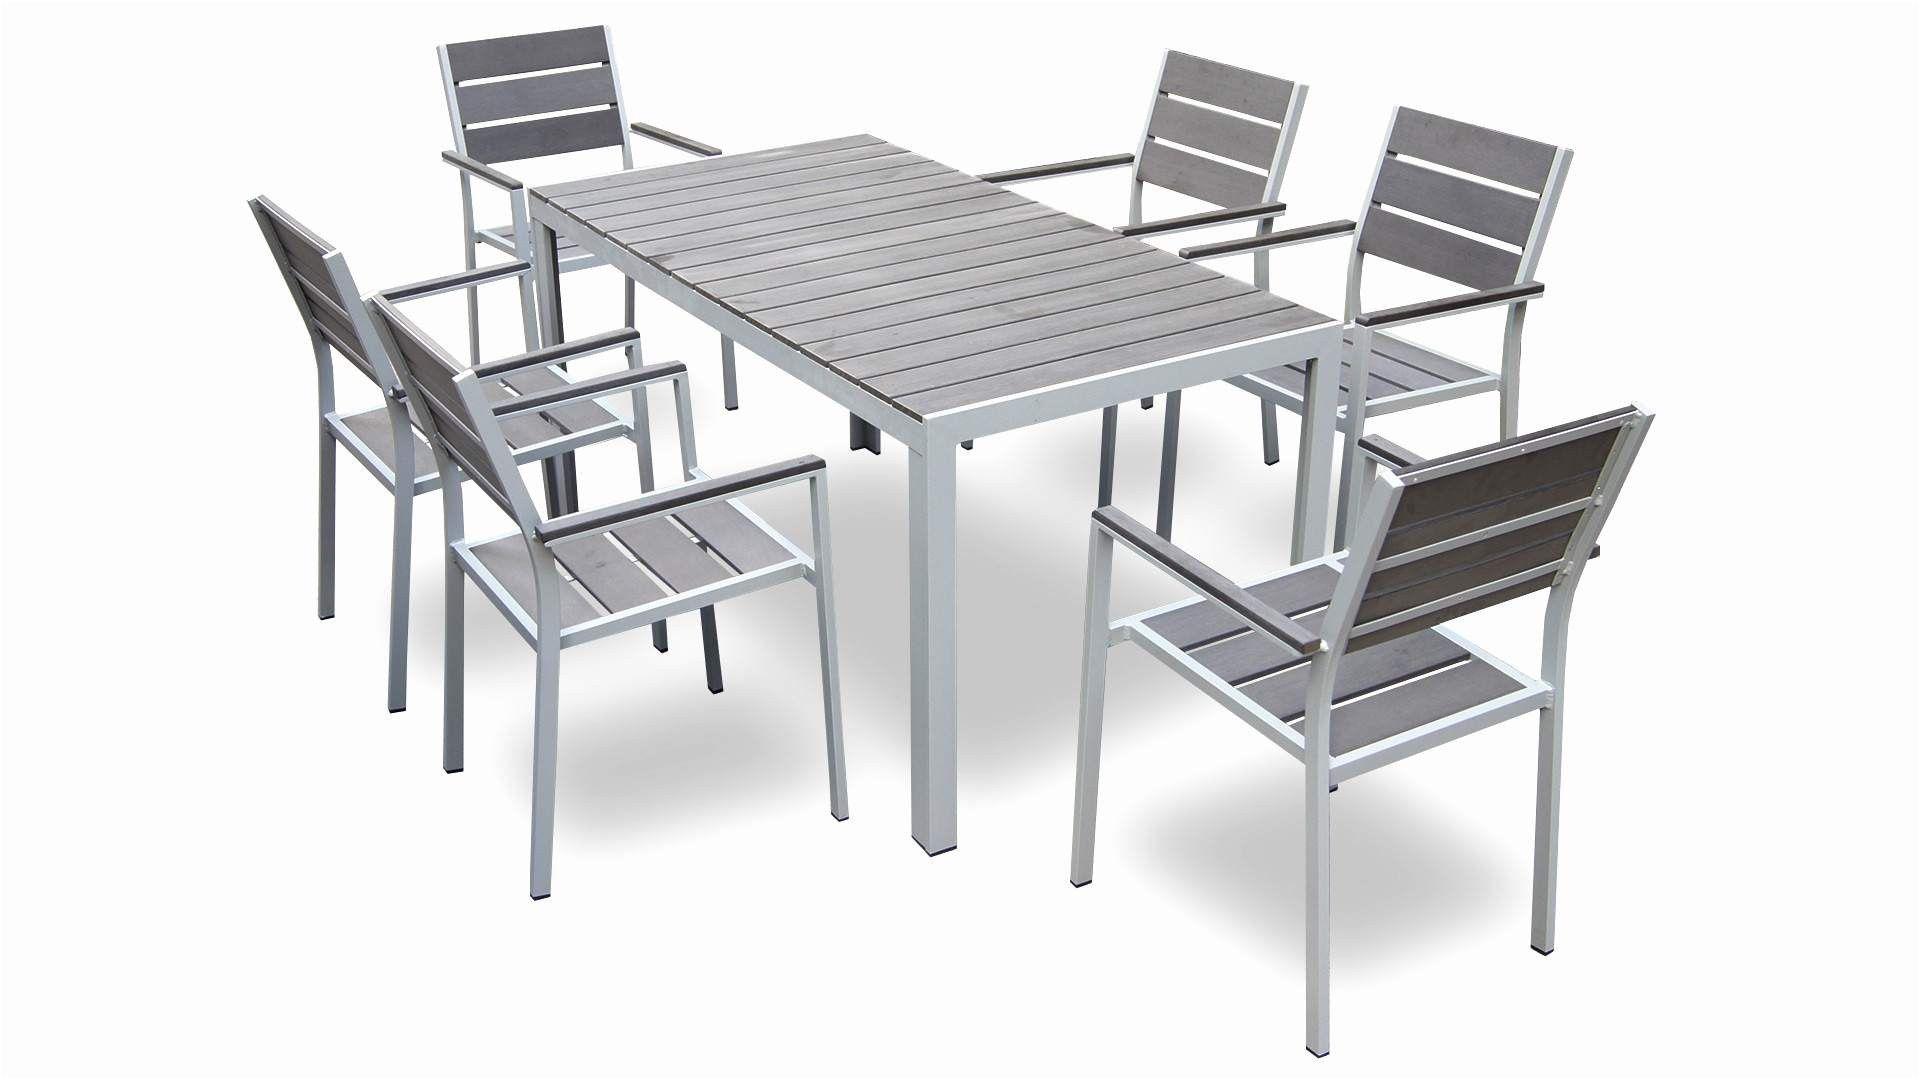 Chaise De Jardin Pas Cher Table Et Chaise Jardin Pas Cher ... pour Table Et Chaises De Jardin Pas Cher